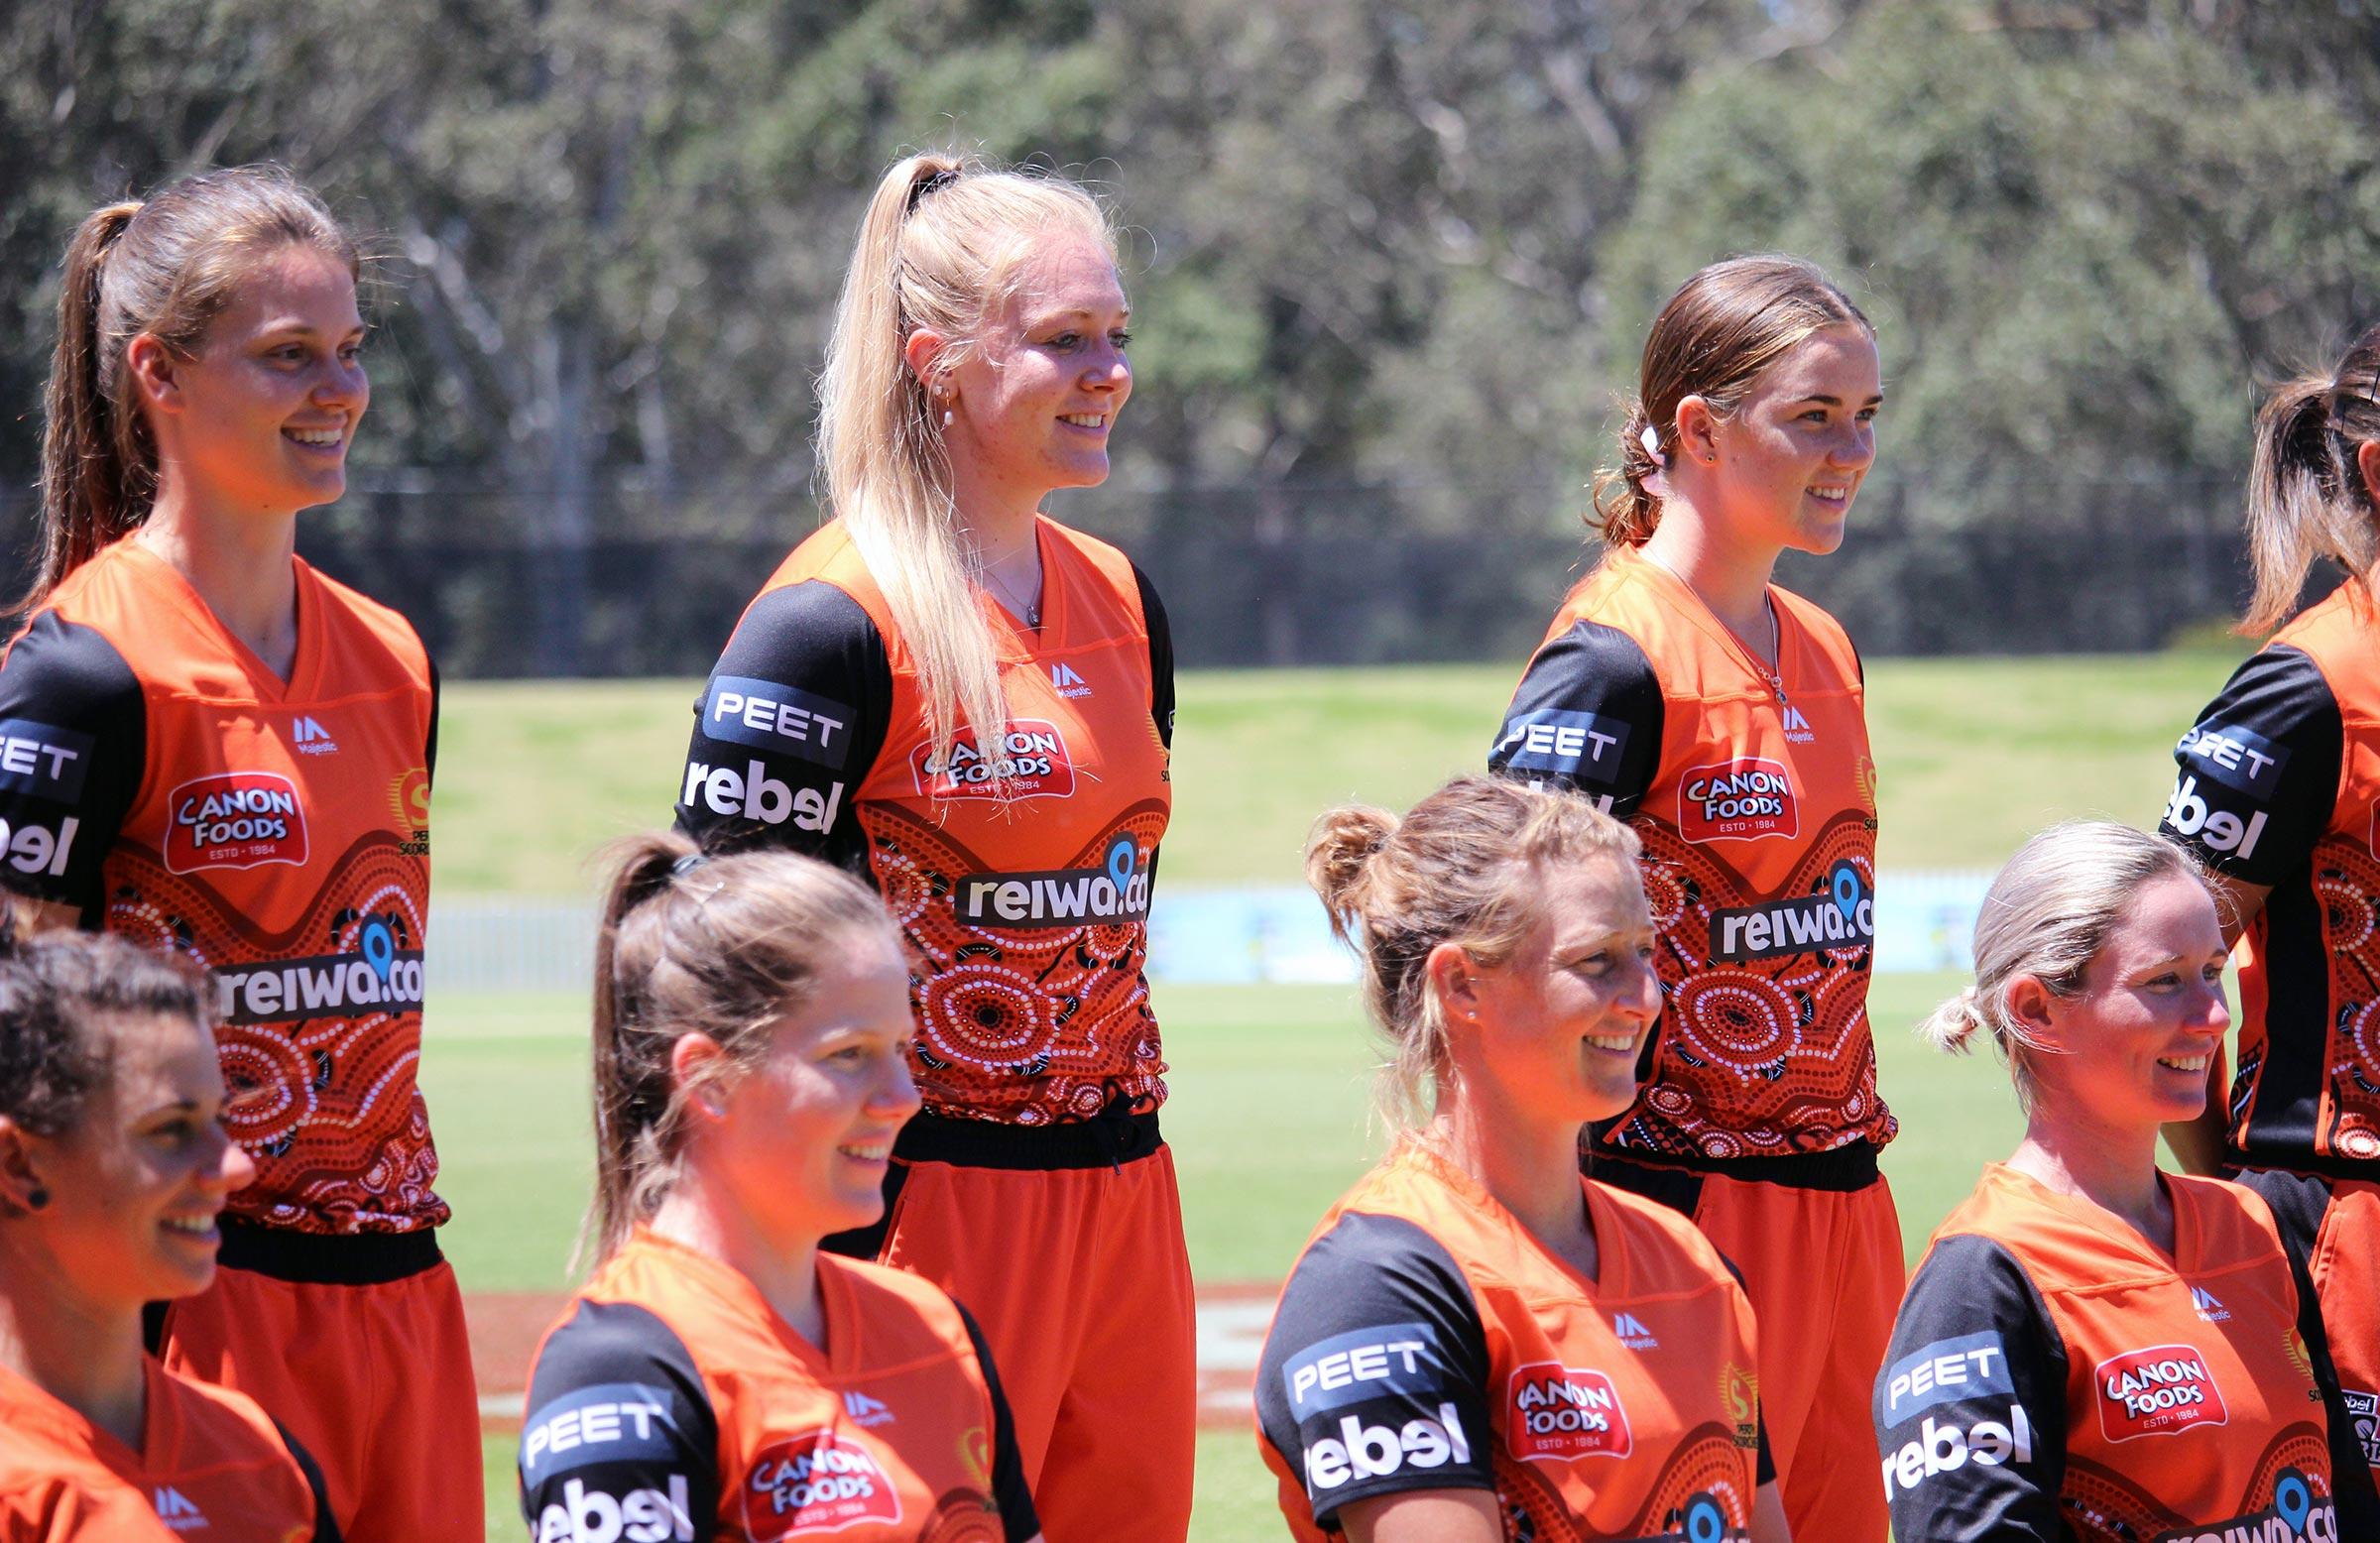 The Scorchers' Indigenous kits // cricket.com.au